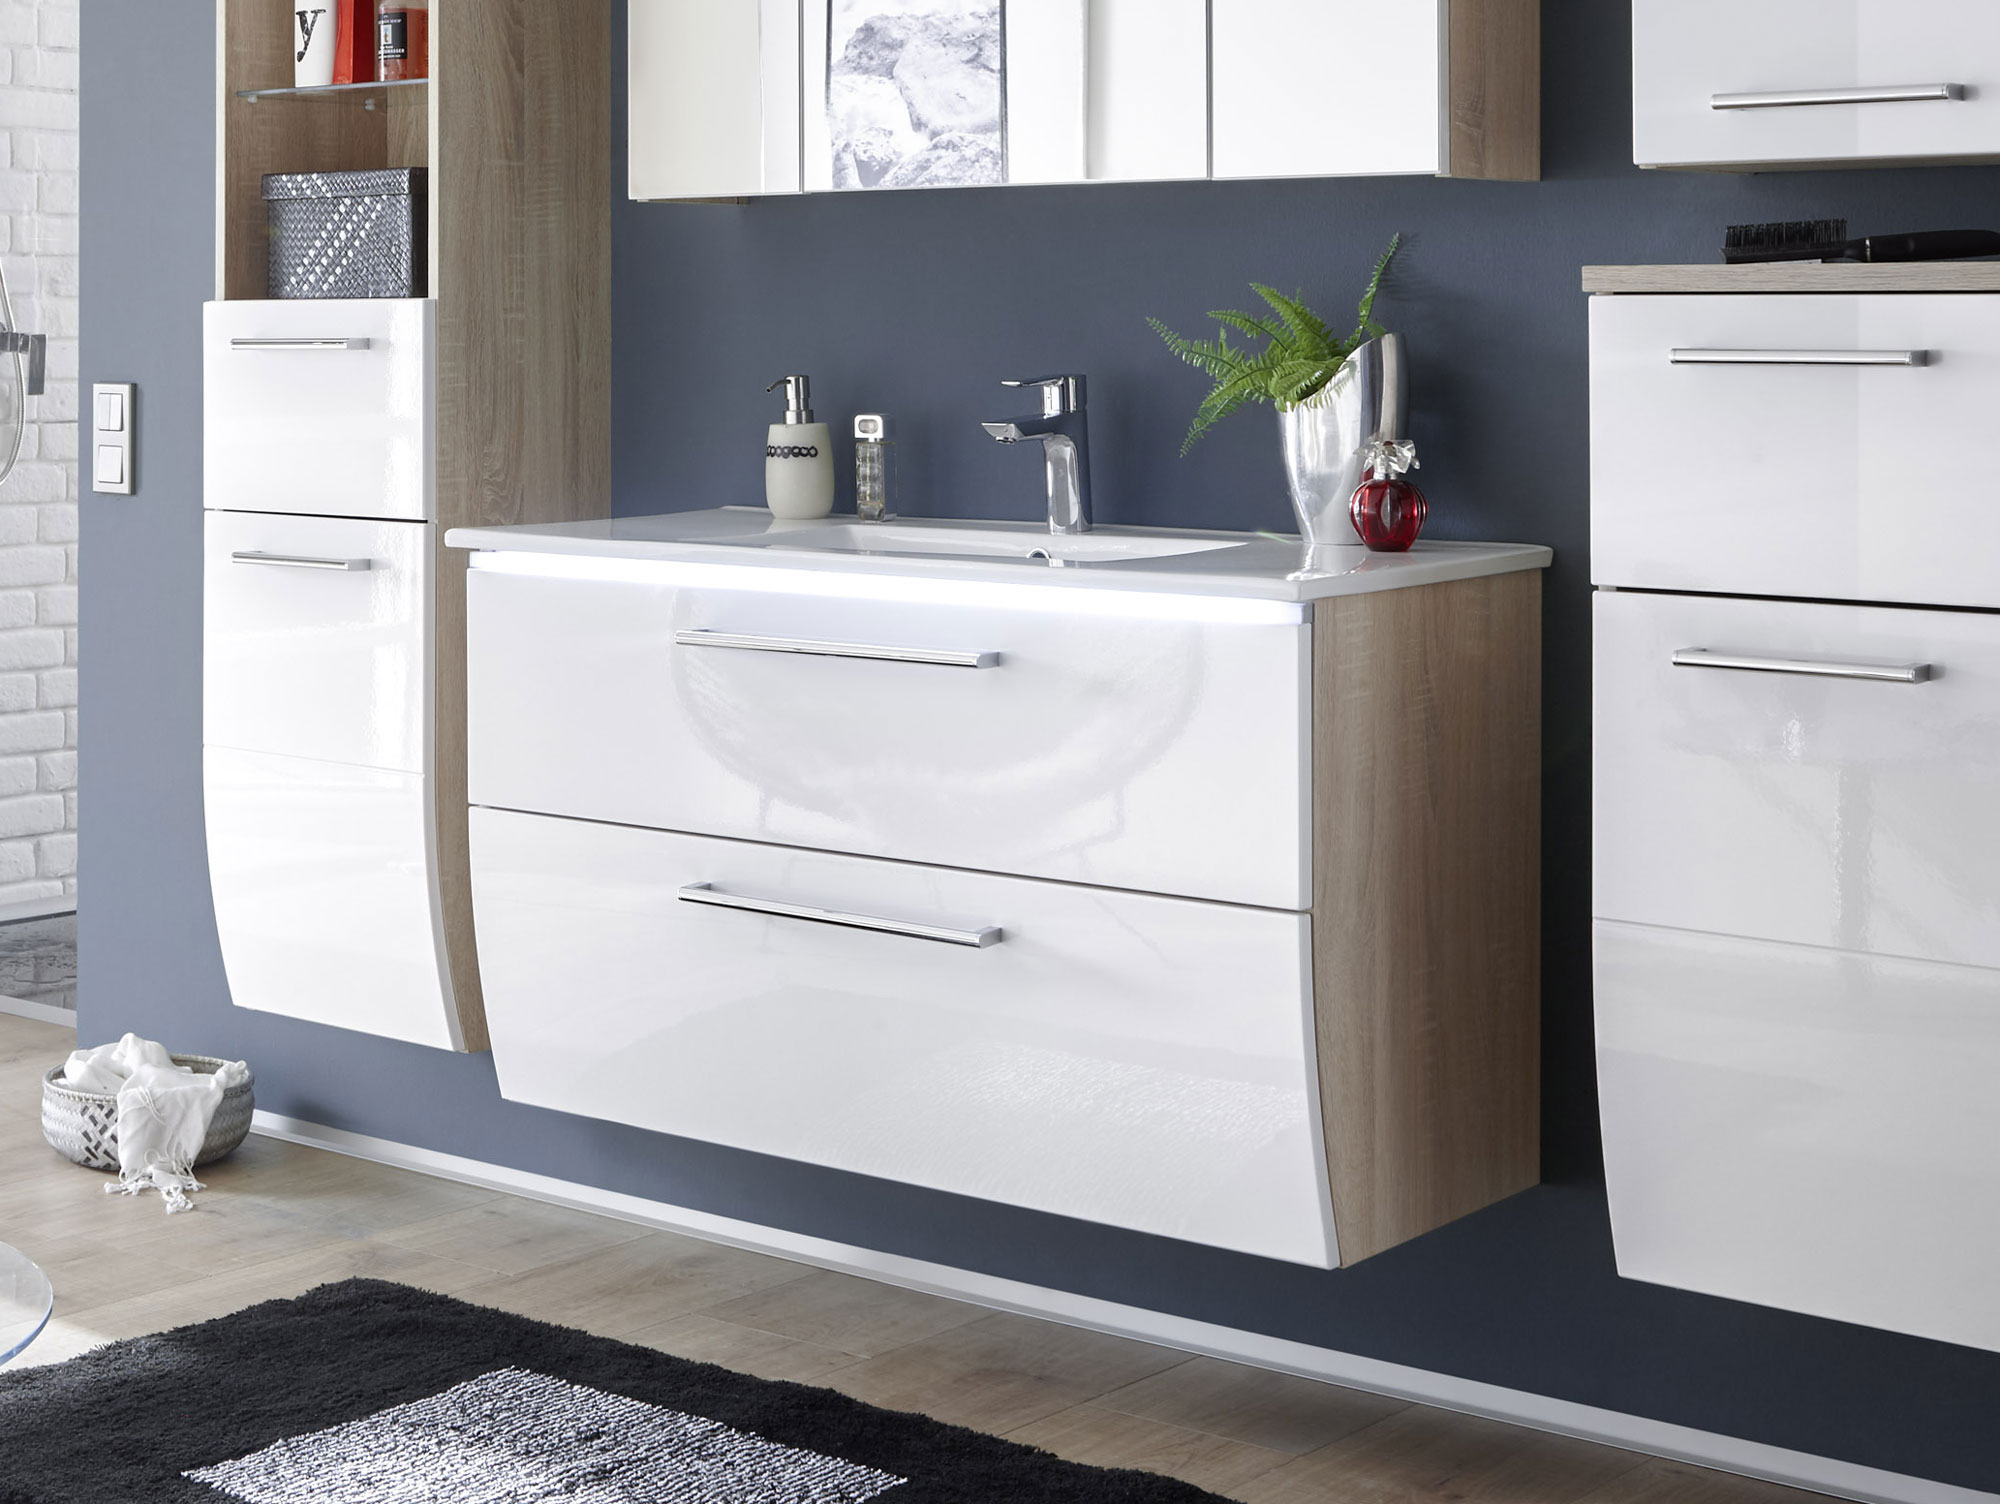 marlena waschbeckenunterschrank inkl becken eiche son. Black Bedroom Furniture Sets. Home Design Ideas